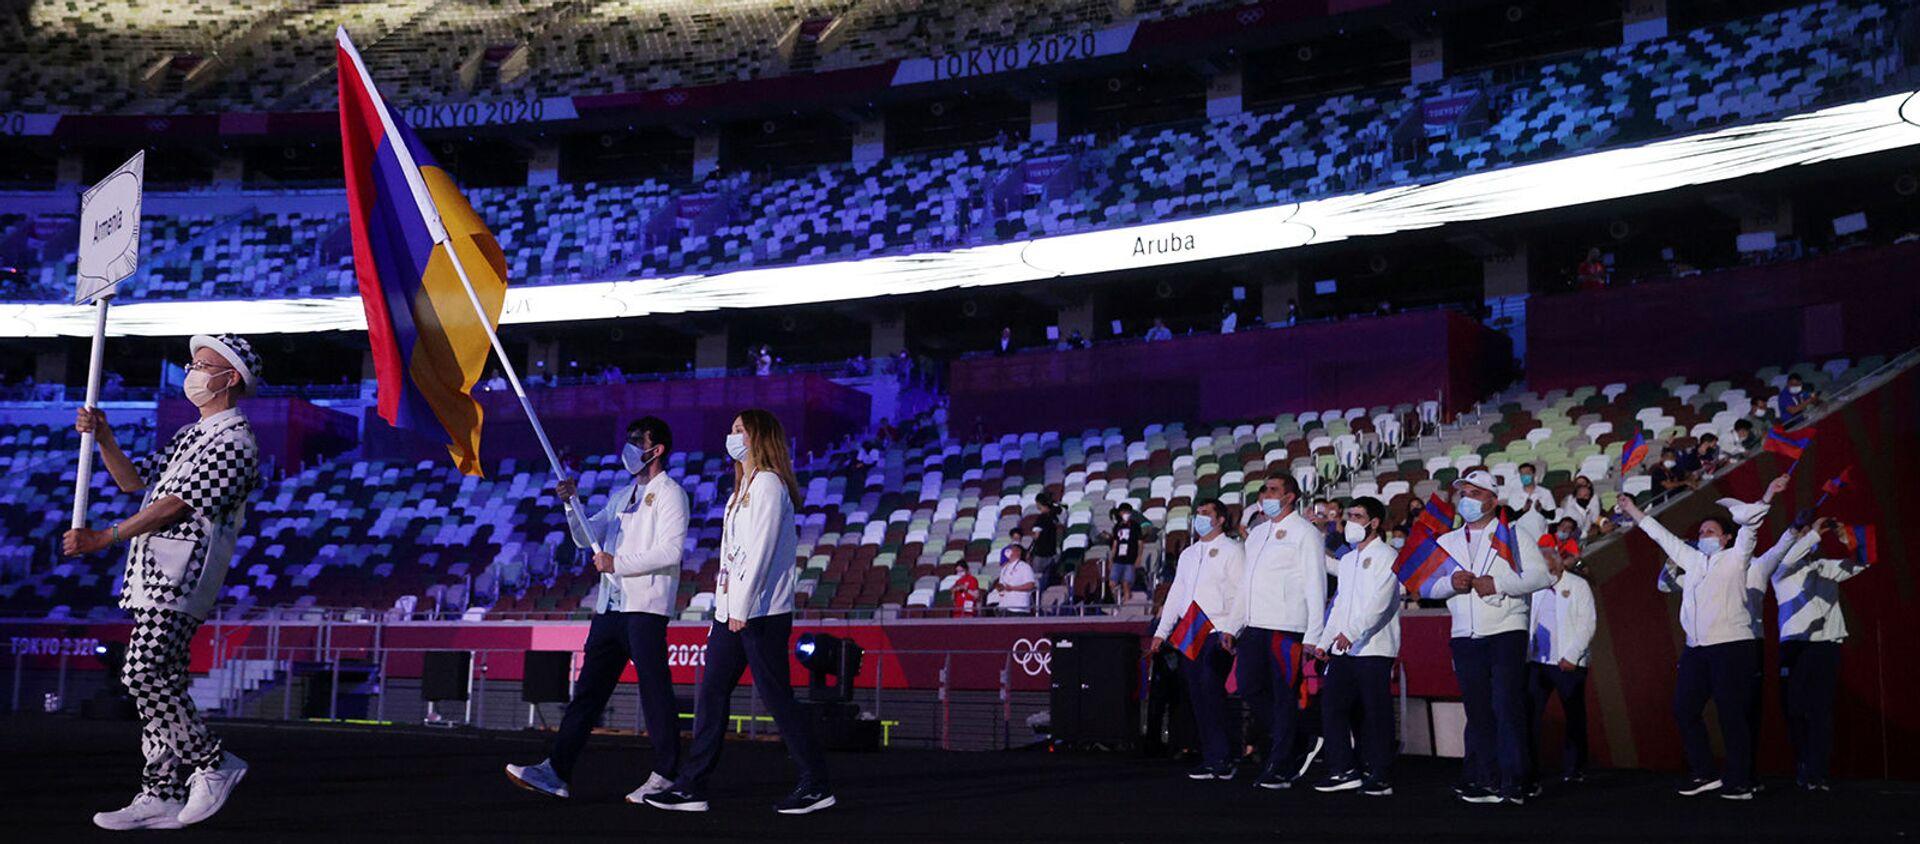 Армянские спортсмены на открытии Олимпийских игр в Токио - Sputnik Արմենիա, 1920, 23.07.2021